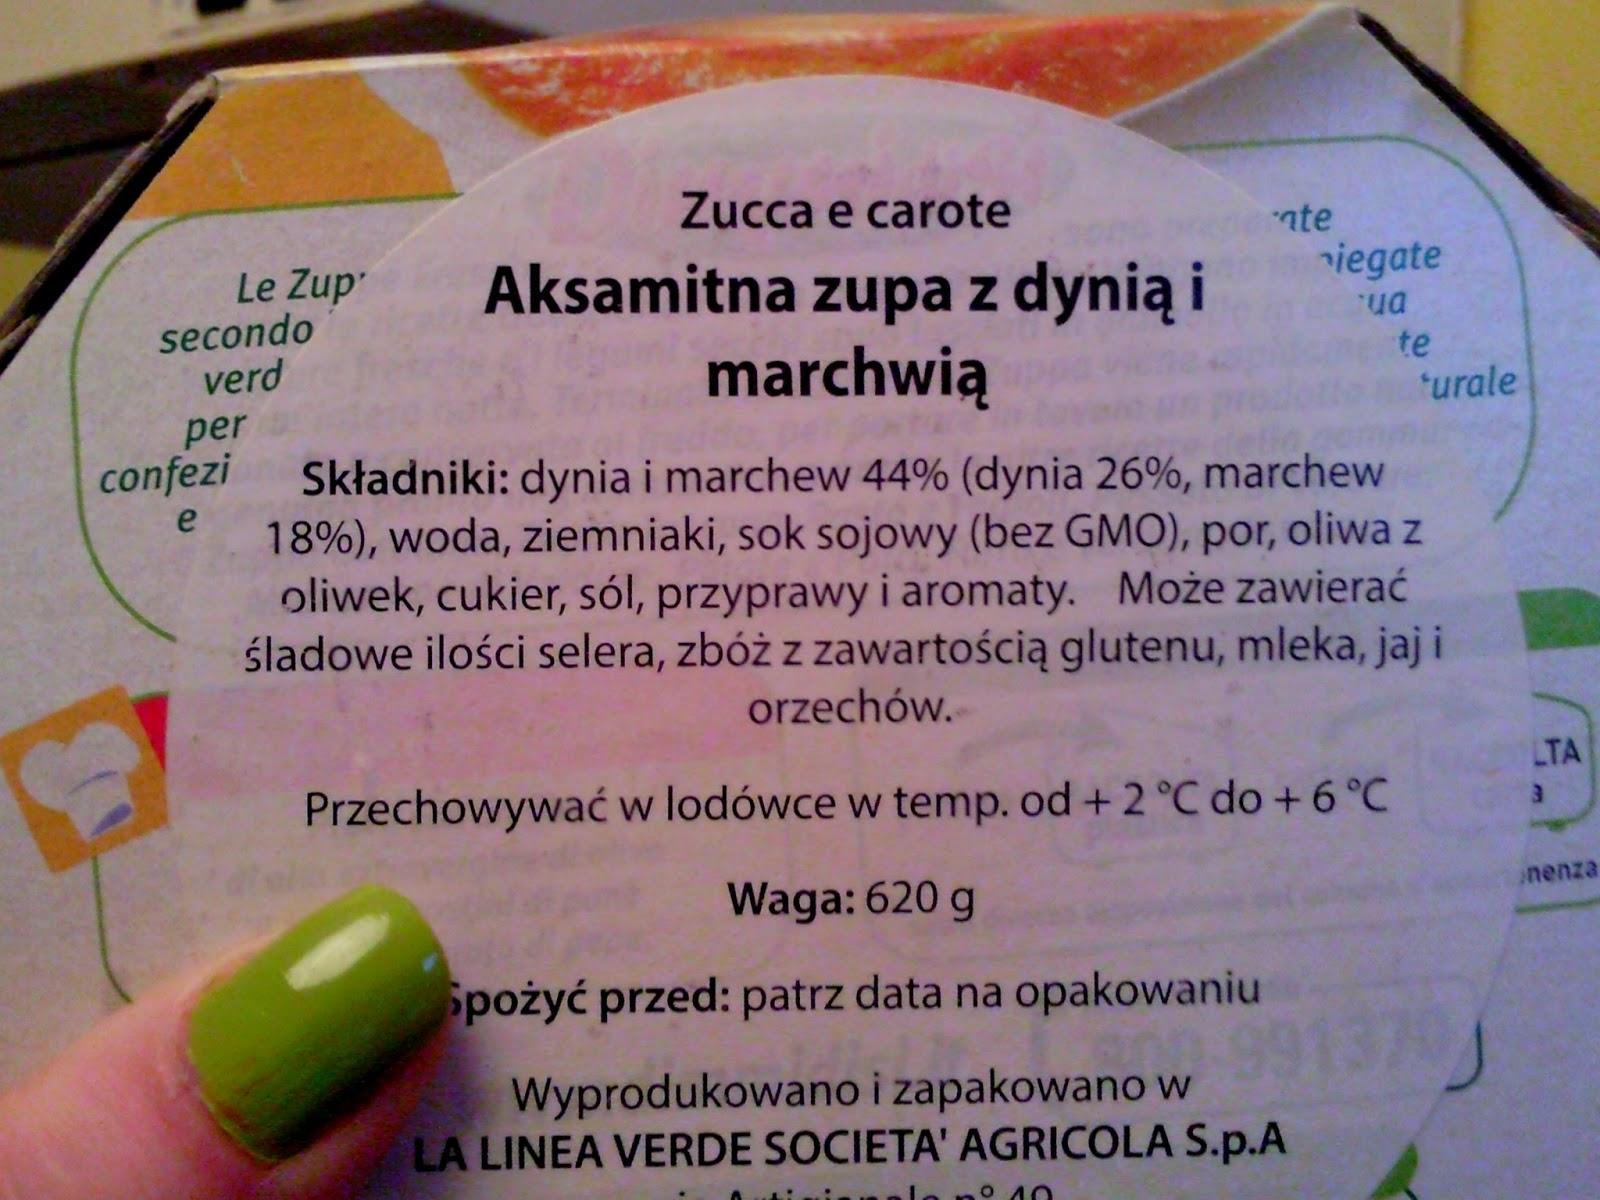 Love Wining Dining świeże Zupy Dimmidisì Z Biedronki